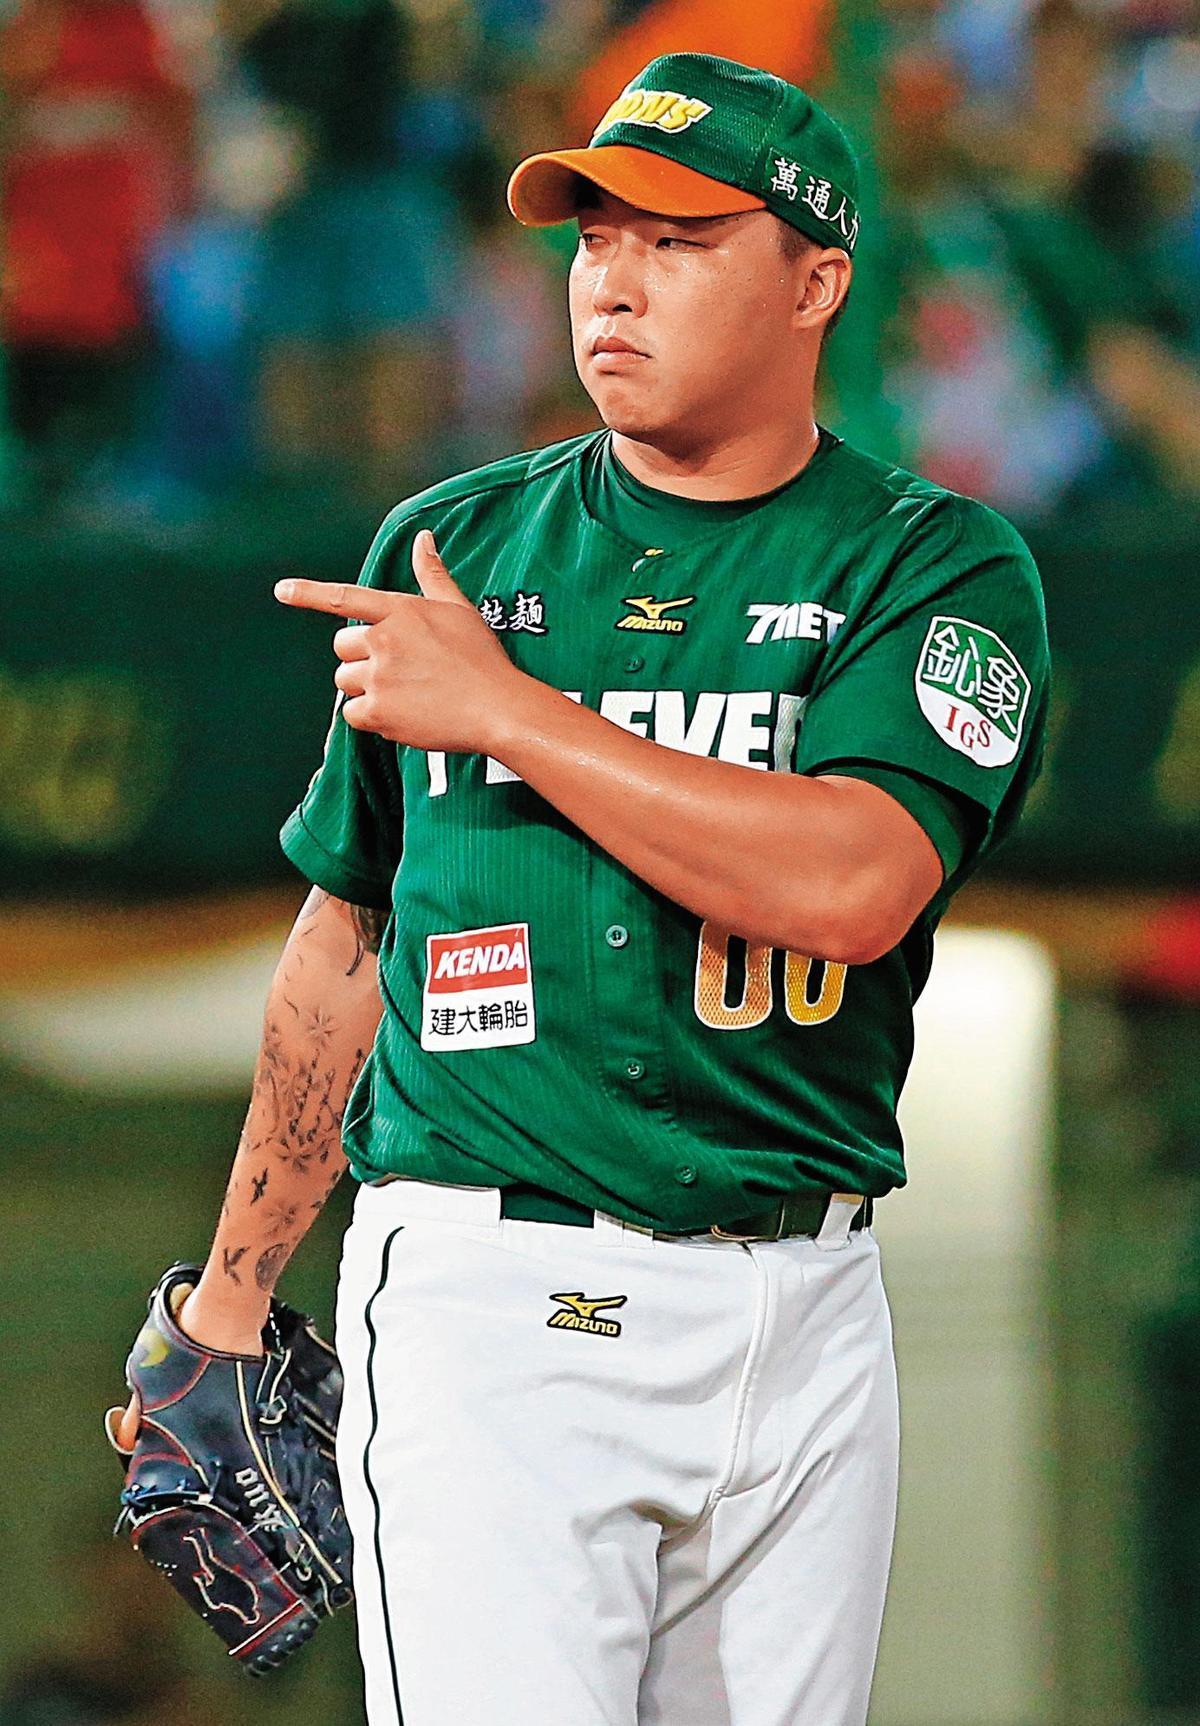 「不死鳥」郭泓志離開富邦悍將,日前更表態有意願參加年底世界12強棒球賽。(東方IC)